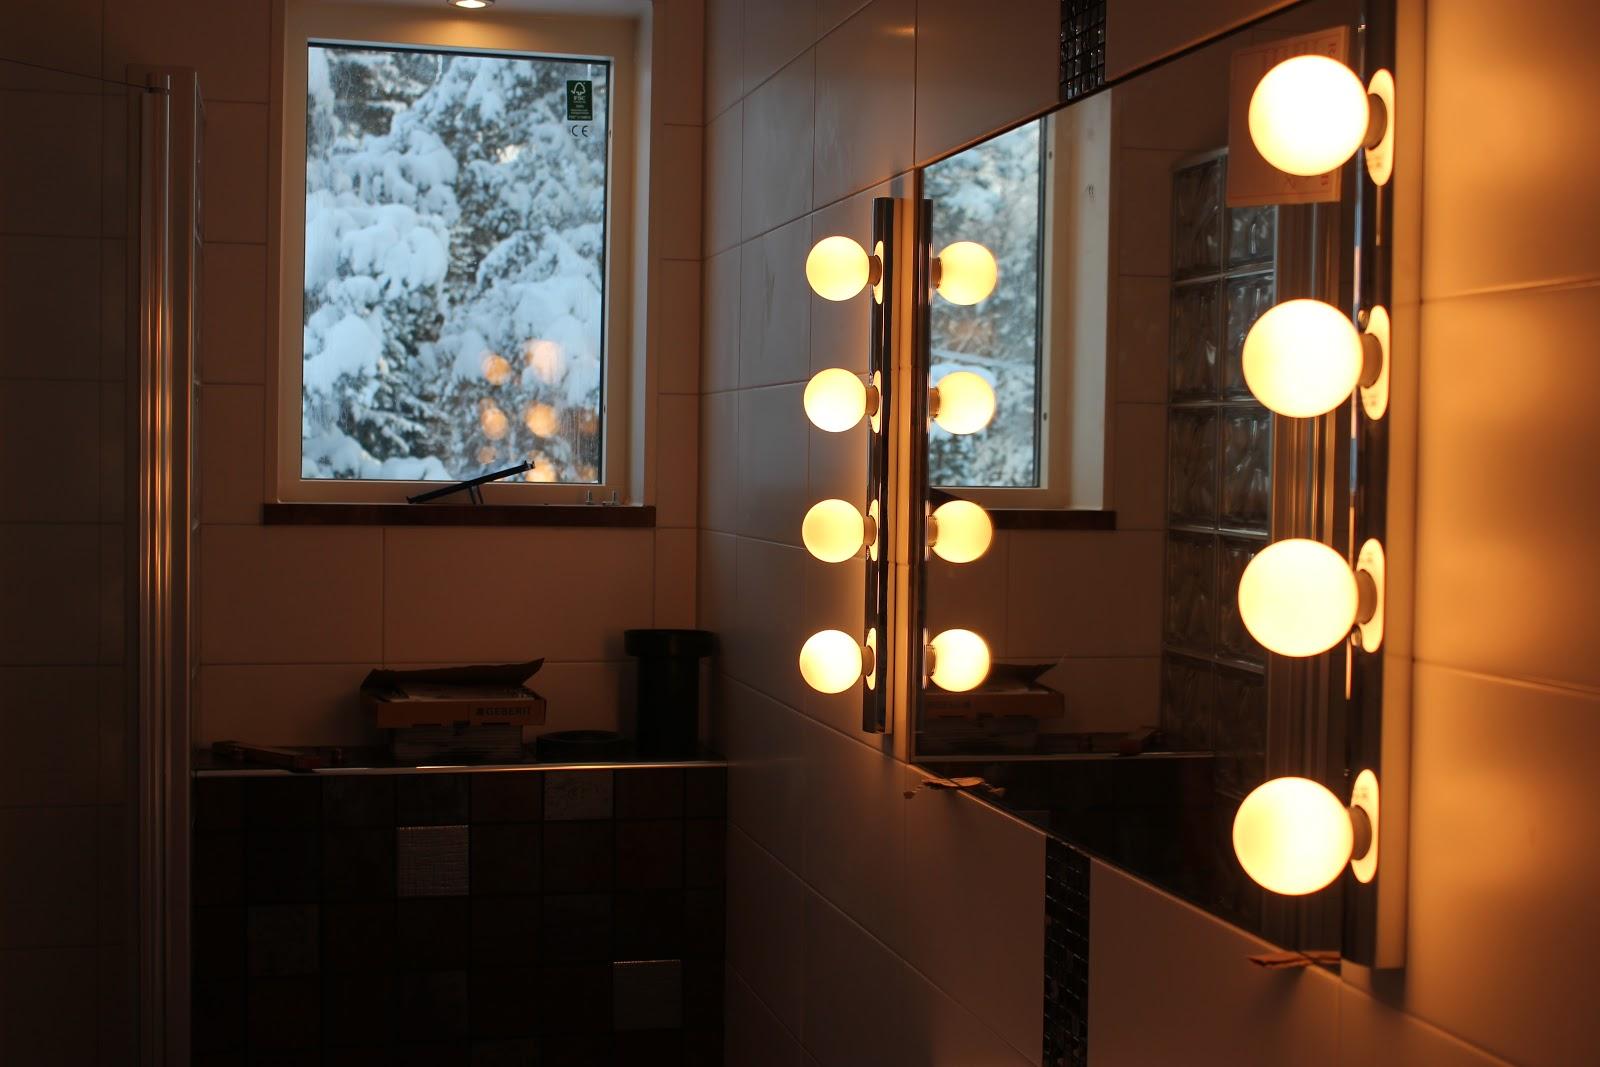 Ett badrum blir till: dag 19   spegel, handfat, toalett och trösklar